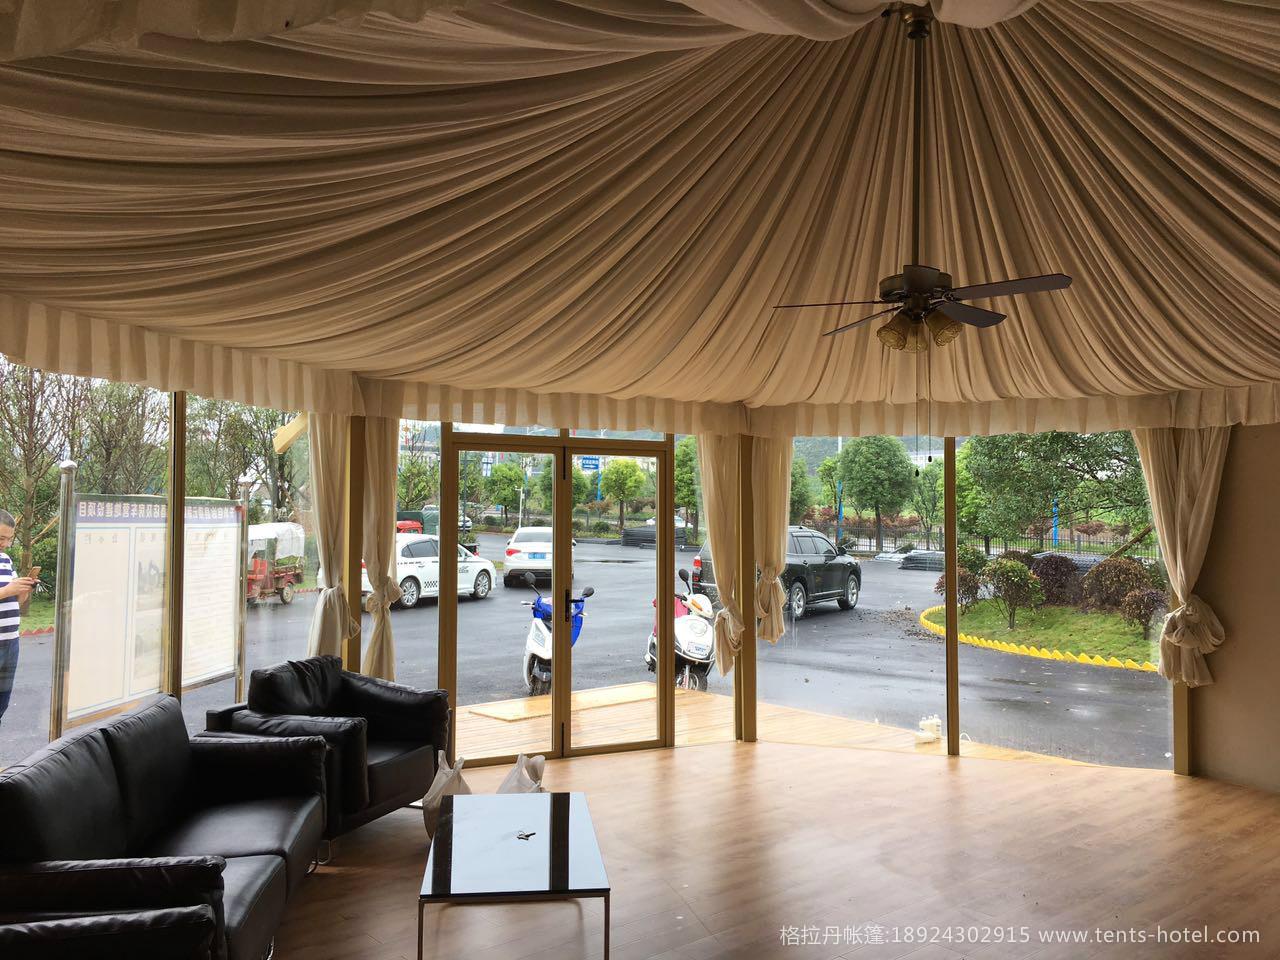 酒店帐篷流行吗?如何看待国内帐篷酒店发展趋势